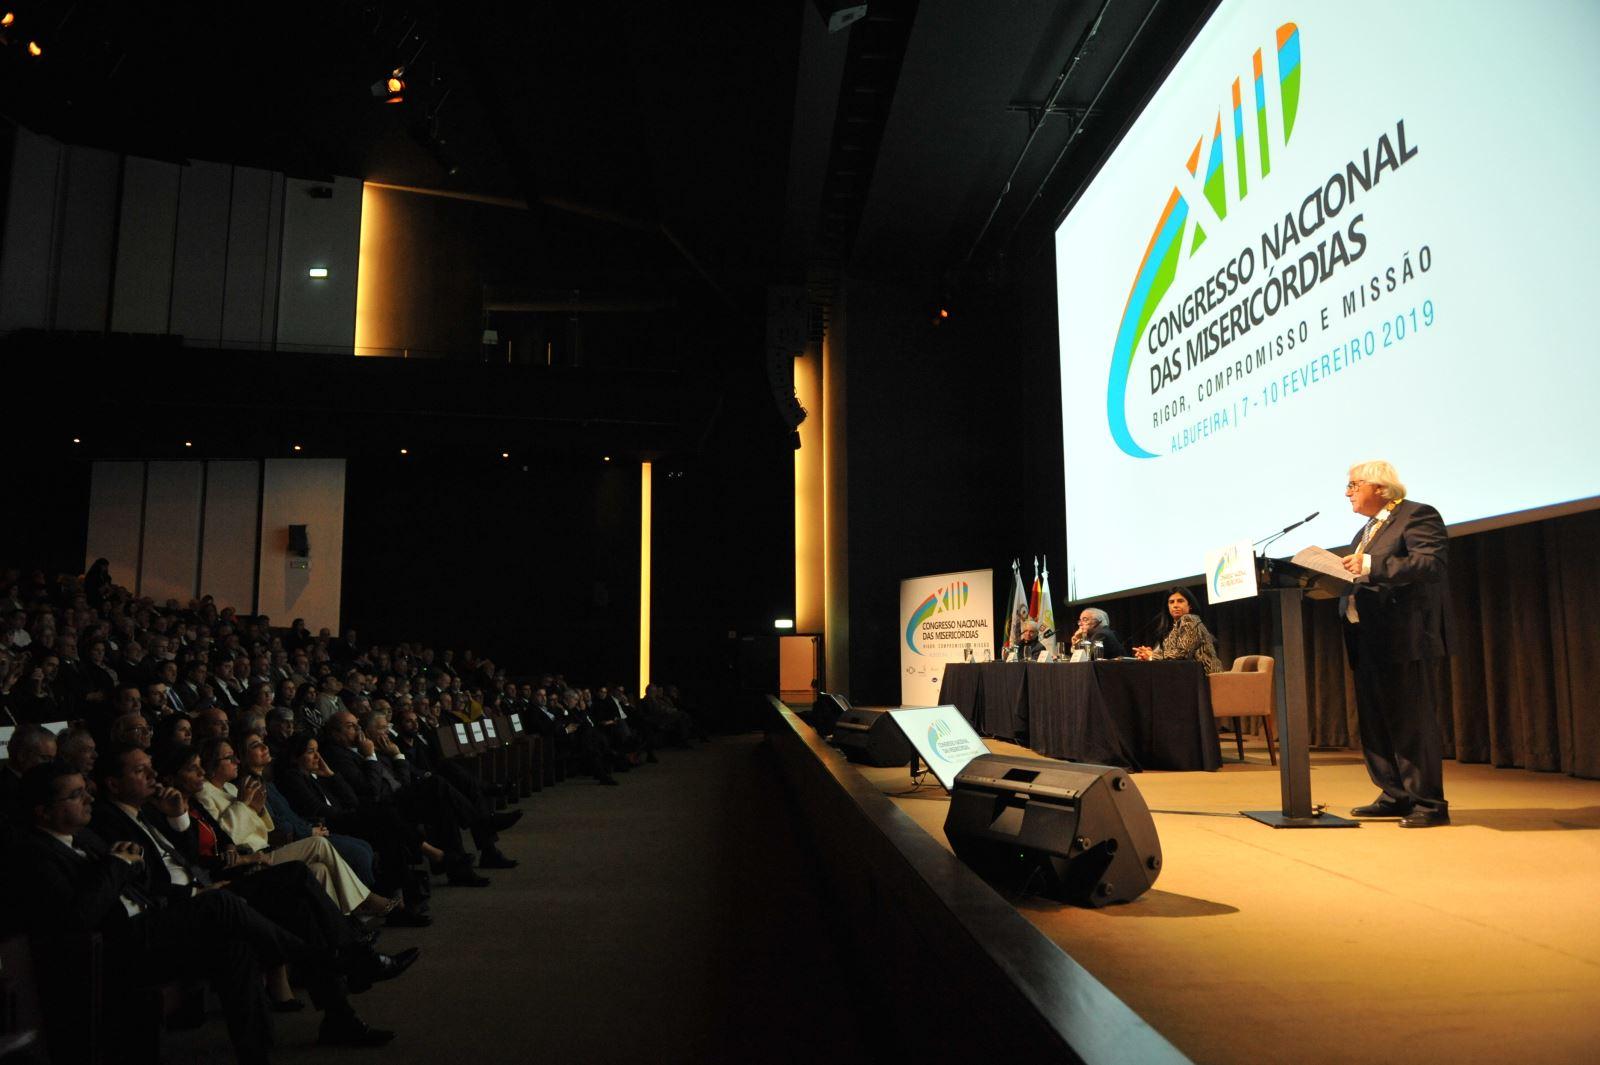 Discurso de Manuel de Lemos na abertura do 13º Congresso Nacional das Misericórdias